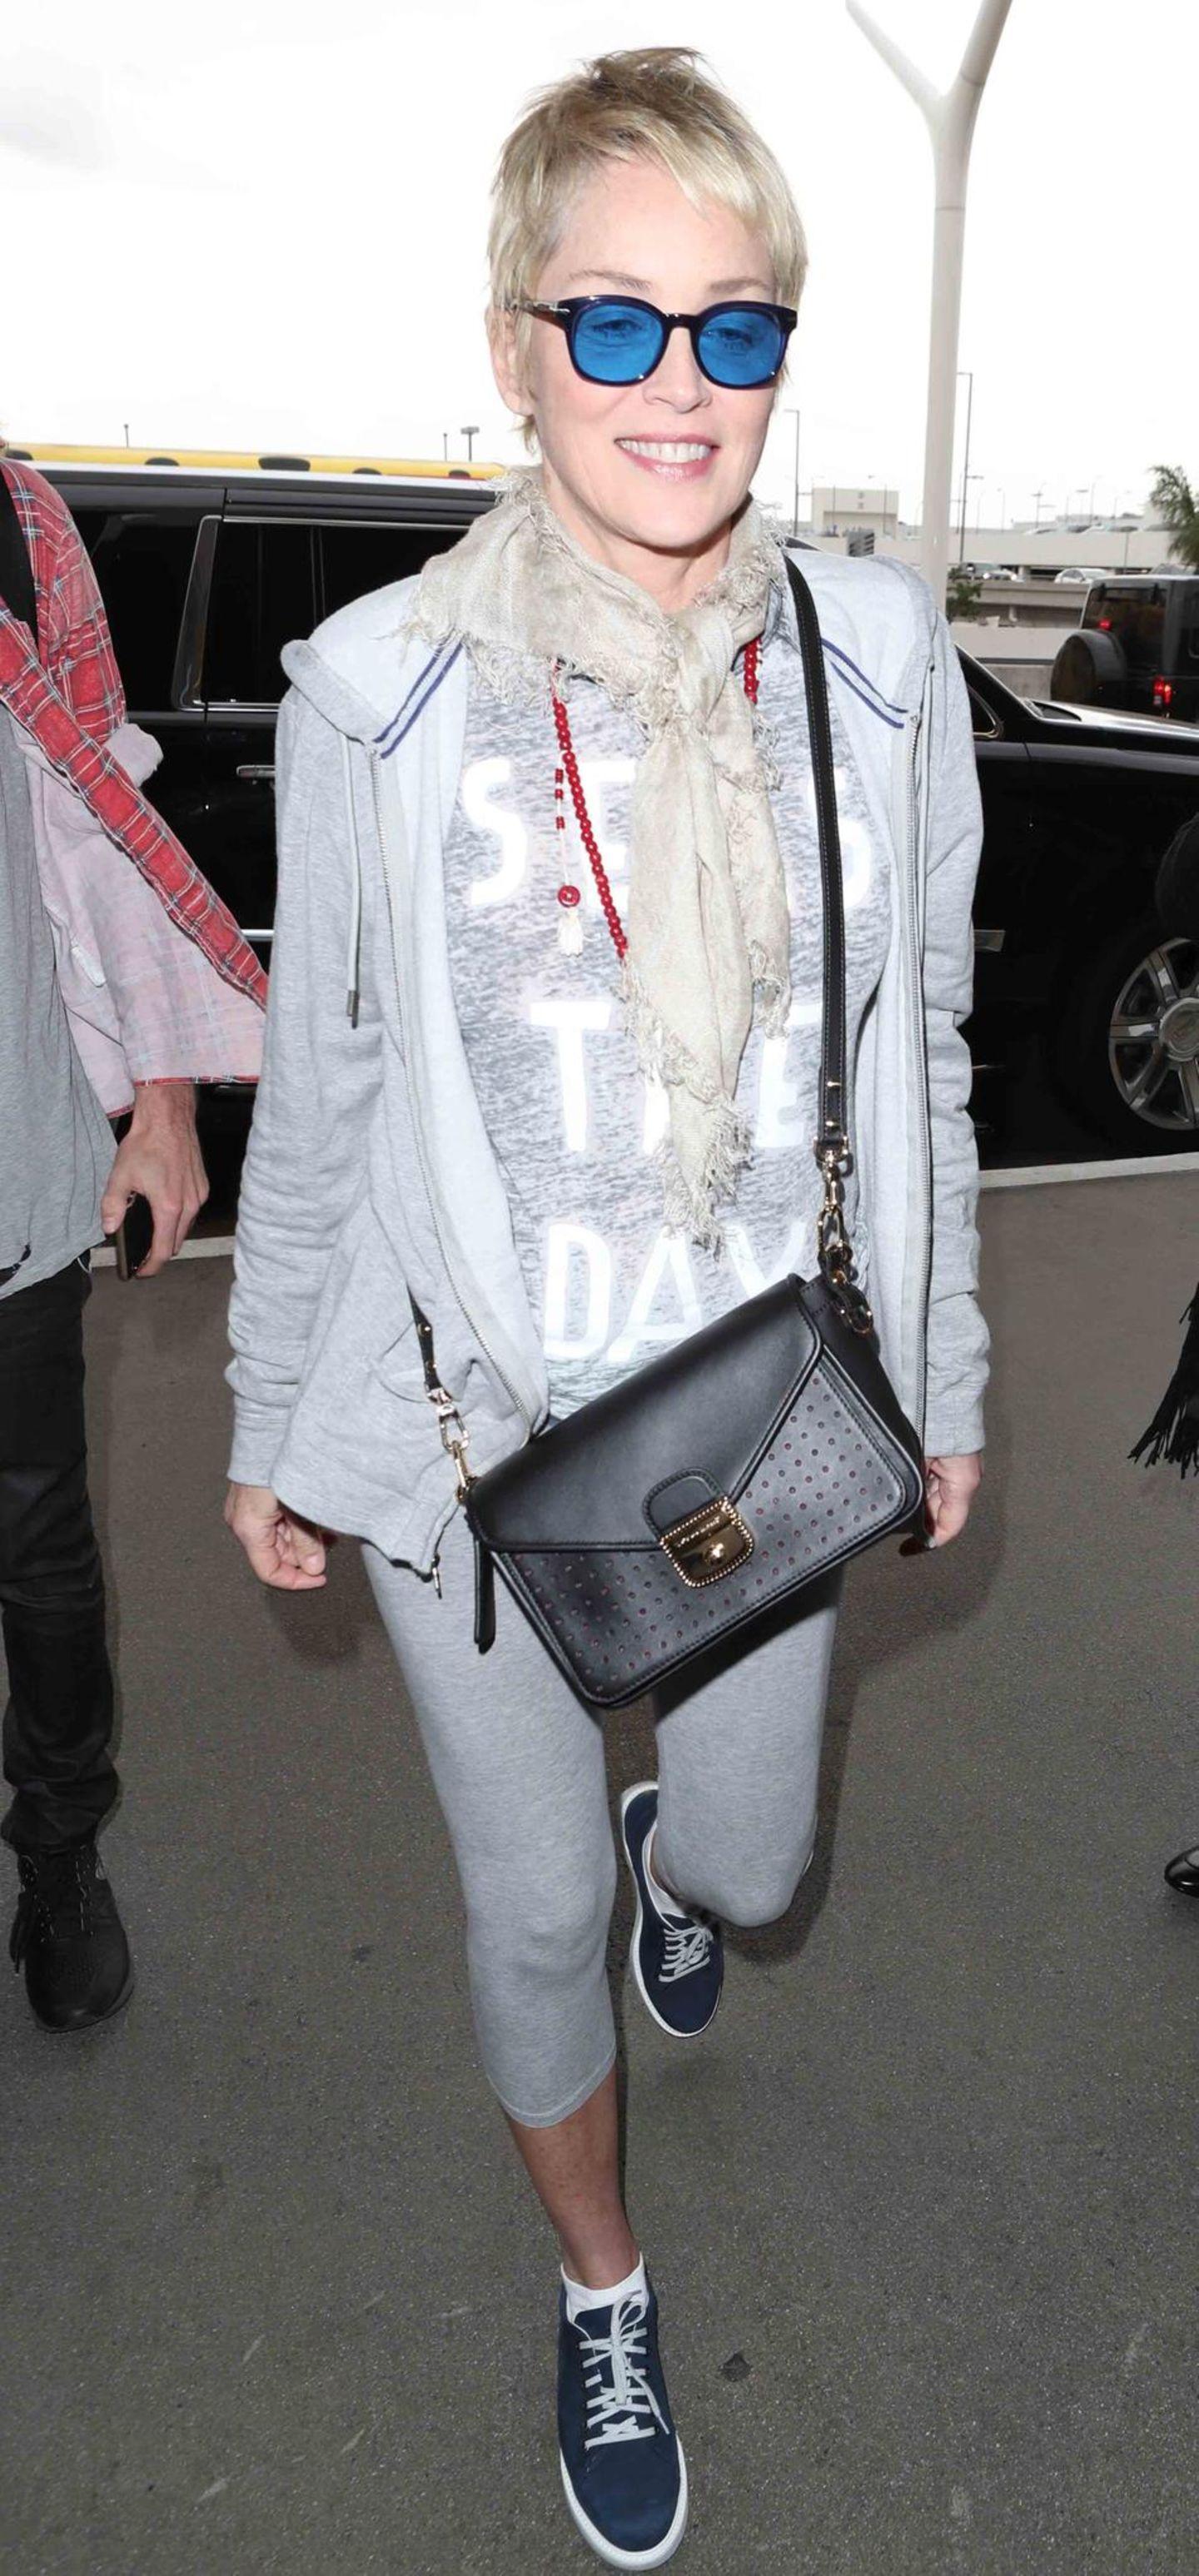 """1. November 2017  Blau macht glücklich: Eine bestens gelaunte, mit coolen, blauen Brillengläsern ausgestattete Sharon Stone wird am Flughafen """"LAX"""" in Los Angeles abgelichtet."""